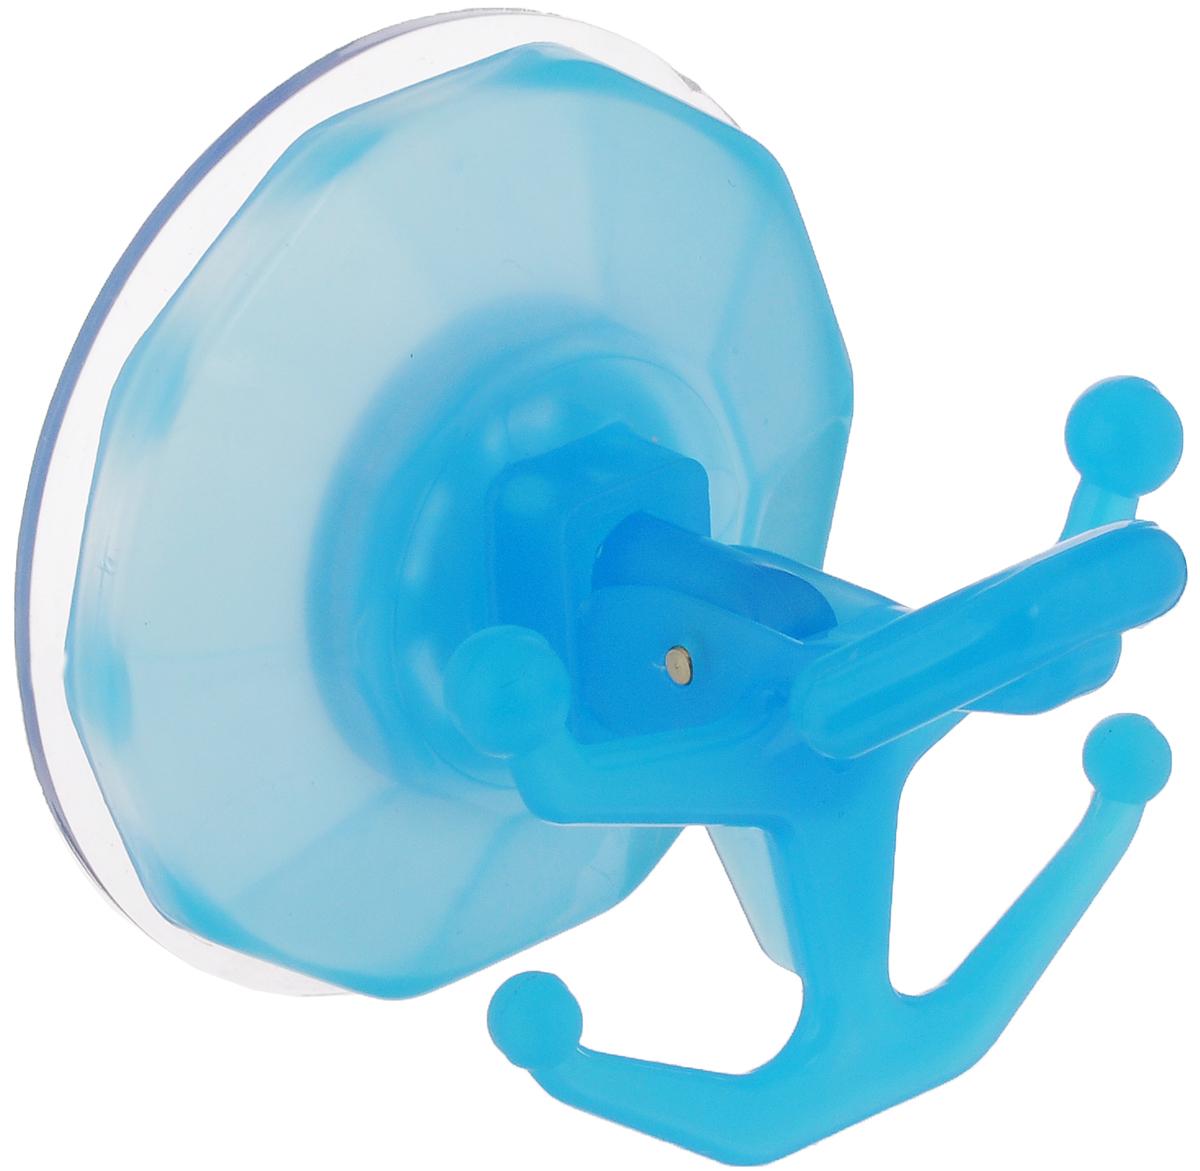 Вешалка настенная Gimi Bingo, на присоске, цвет: голубой, 5 крючковRG-D31SВешалка настенная Gimi Bingo, выполненная из пластика, станет отличным решением для прихожей, ванной или кухни. Вешалка имеет 5 крючков, на которые вы сможете повесить ваши вещи. Прочная присоска надежно крепится к стене и не оставляет разводов и пятен. Практичная настенная вешалка поможет организовать пространство в вашем доме.Особенности вешалки:- успешно работает в интервале температур от -20°С до +60°С; - выдерживает нагрузку до 20 кг; - может служить годами, не требуя перевешивания; - без усилий снимается и перевешивается на новое место.